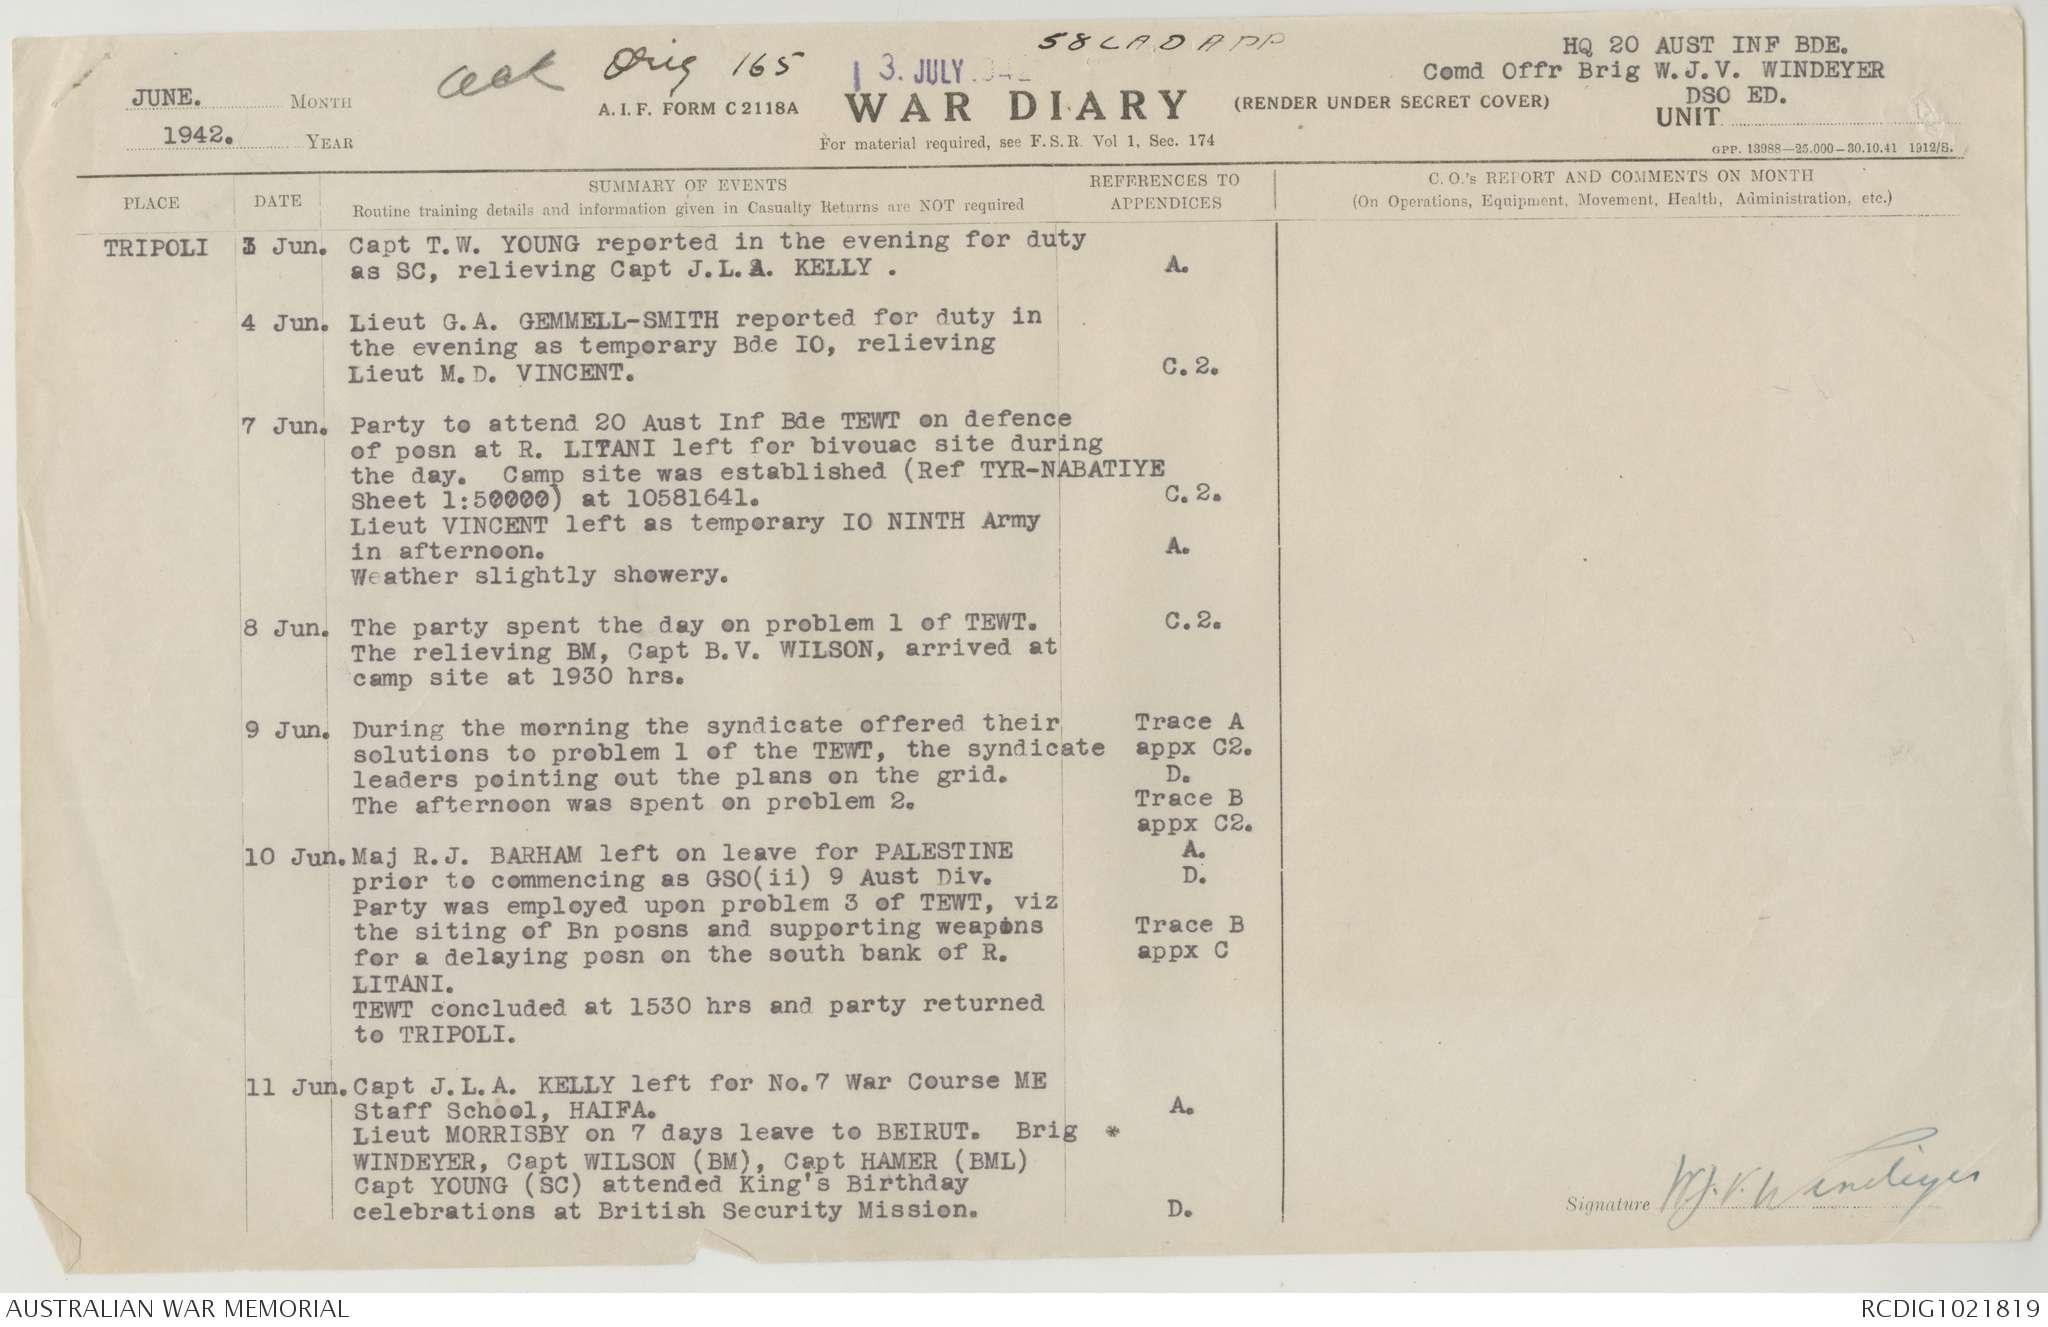 d65b311a55ac AWM52 8 2 20 43 - June 1942